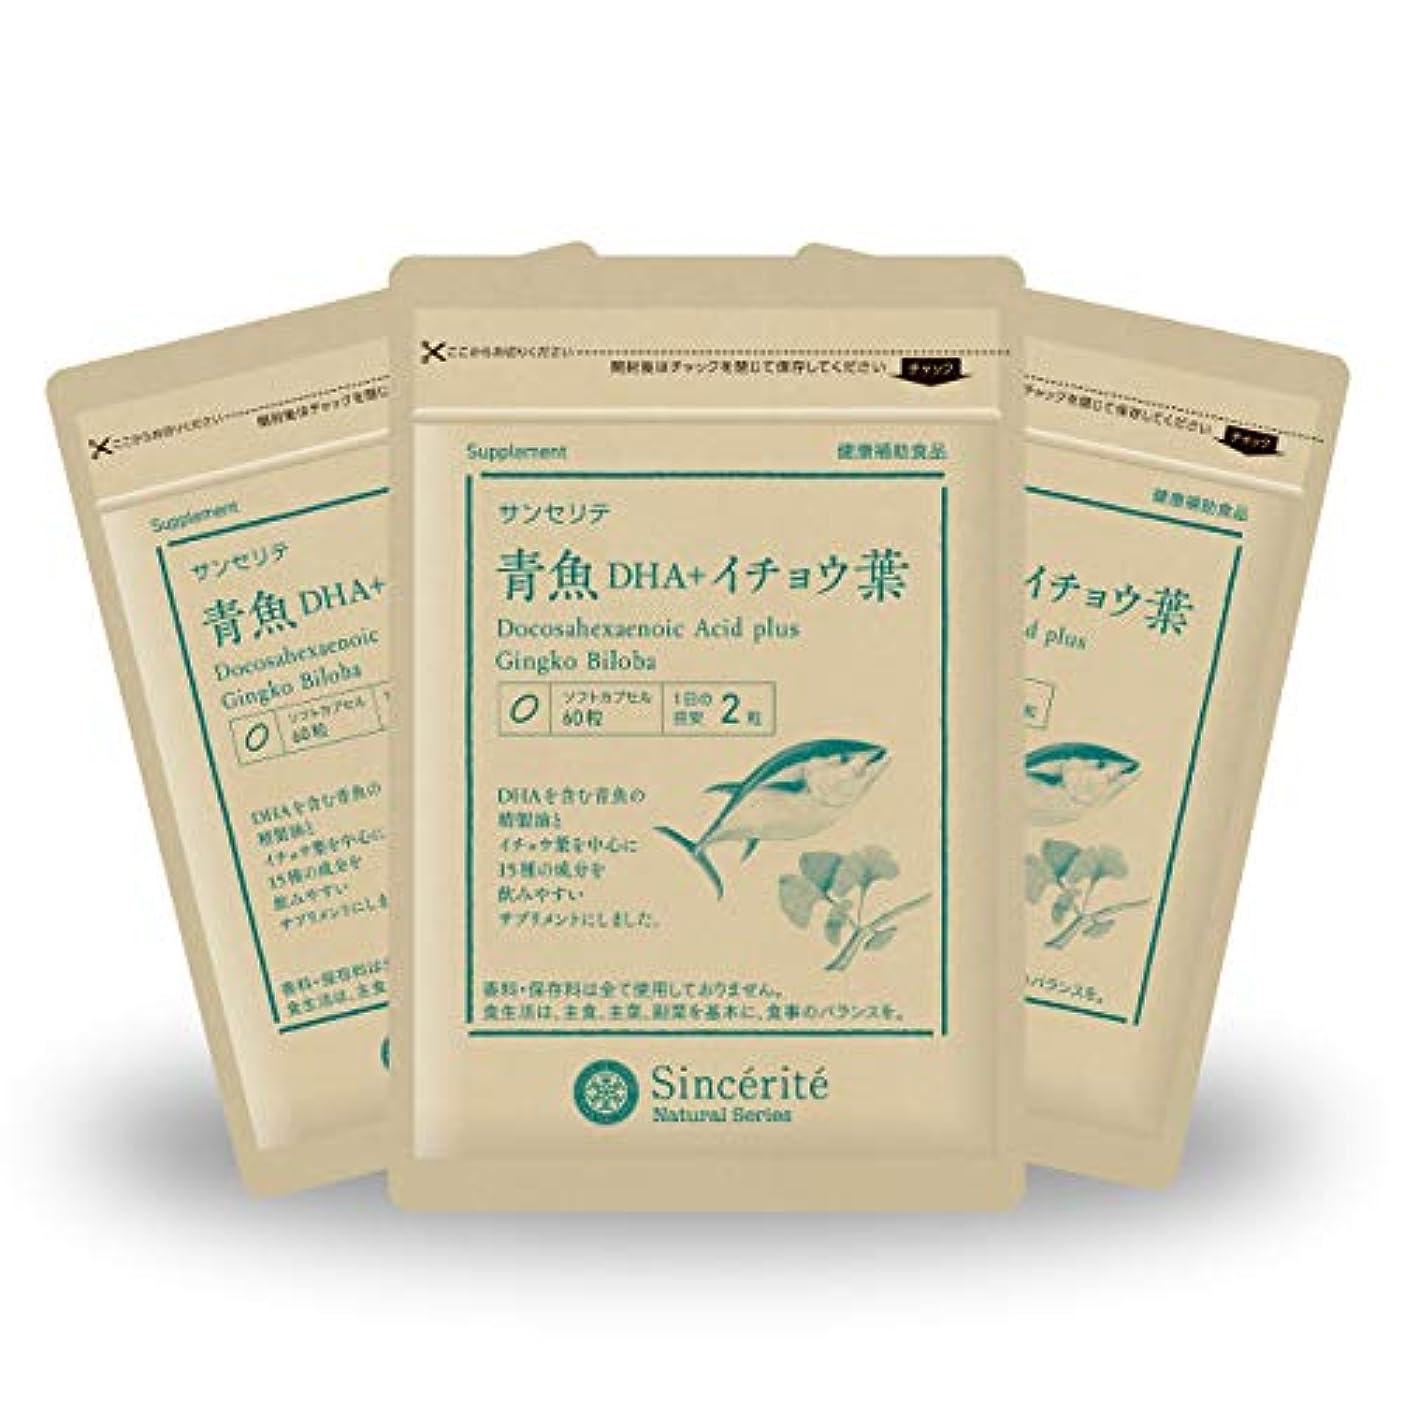 デジタルクランプ好奇心青魚DHA+イチョウ葉 3袋セット[送料無料][DHA]101mg配合[国内製造]お得な★90日分